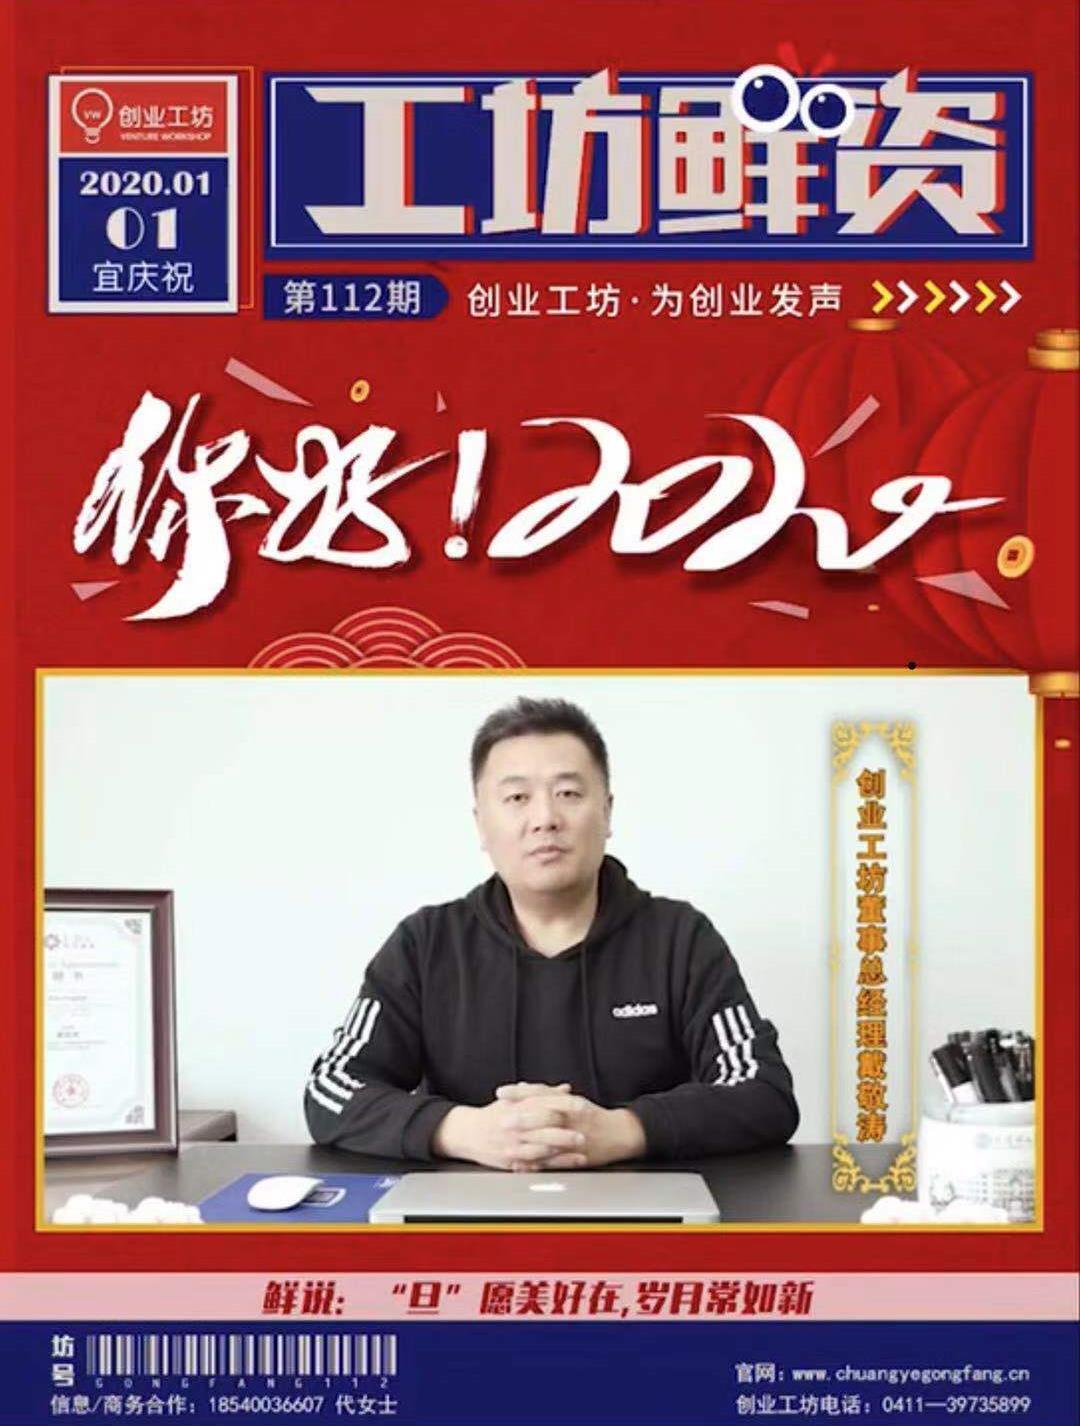 【工坊'鲜'资】第112期 - 创业工坊